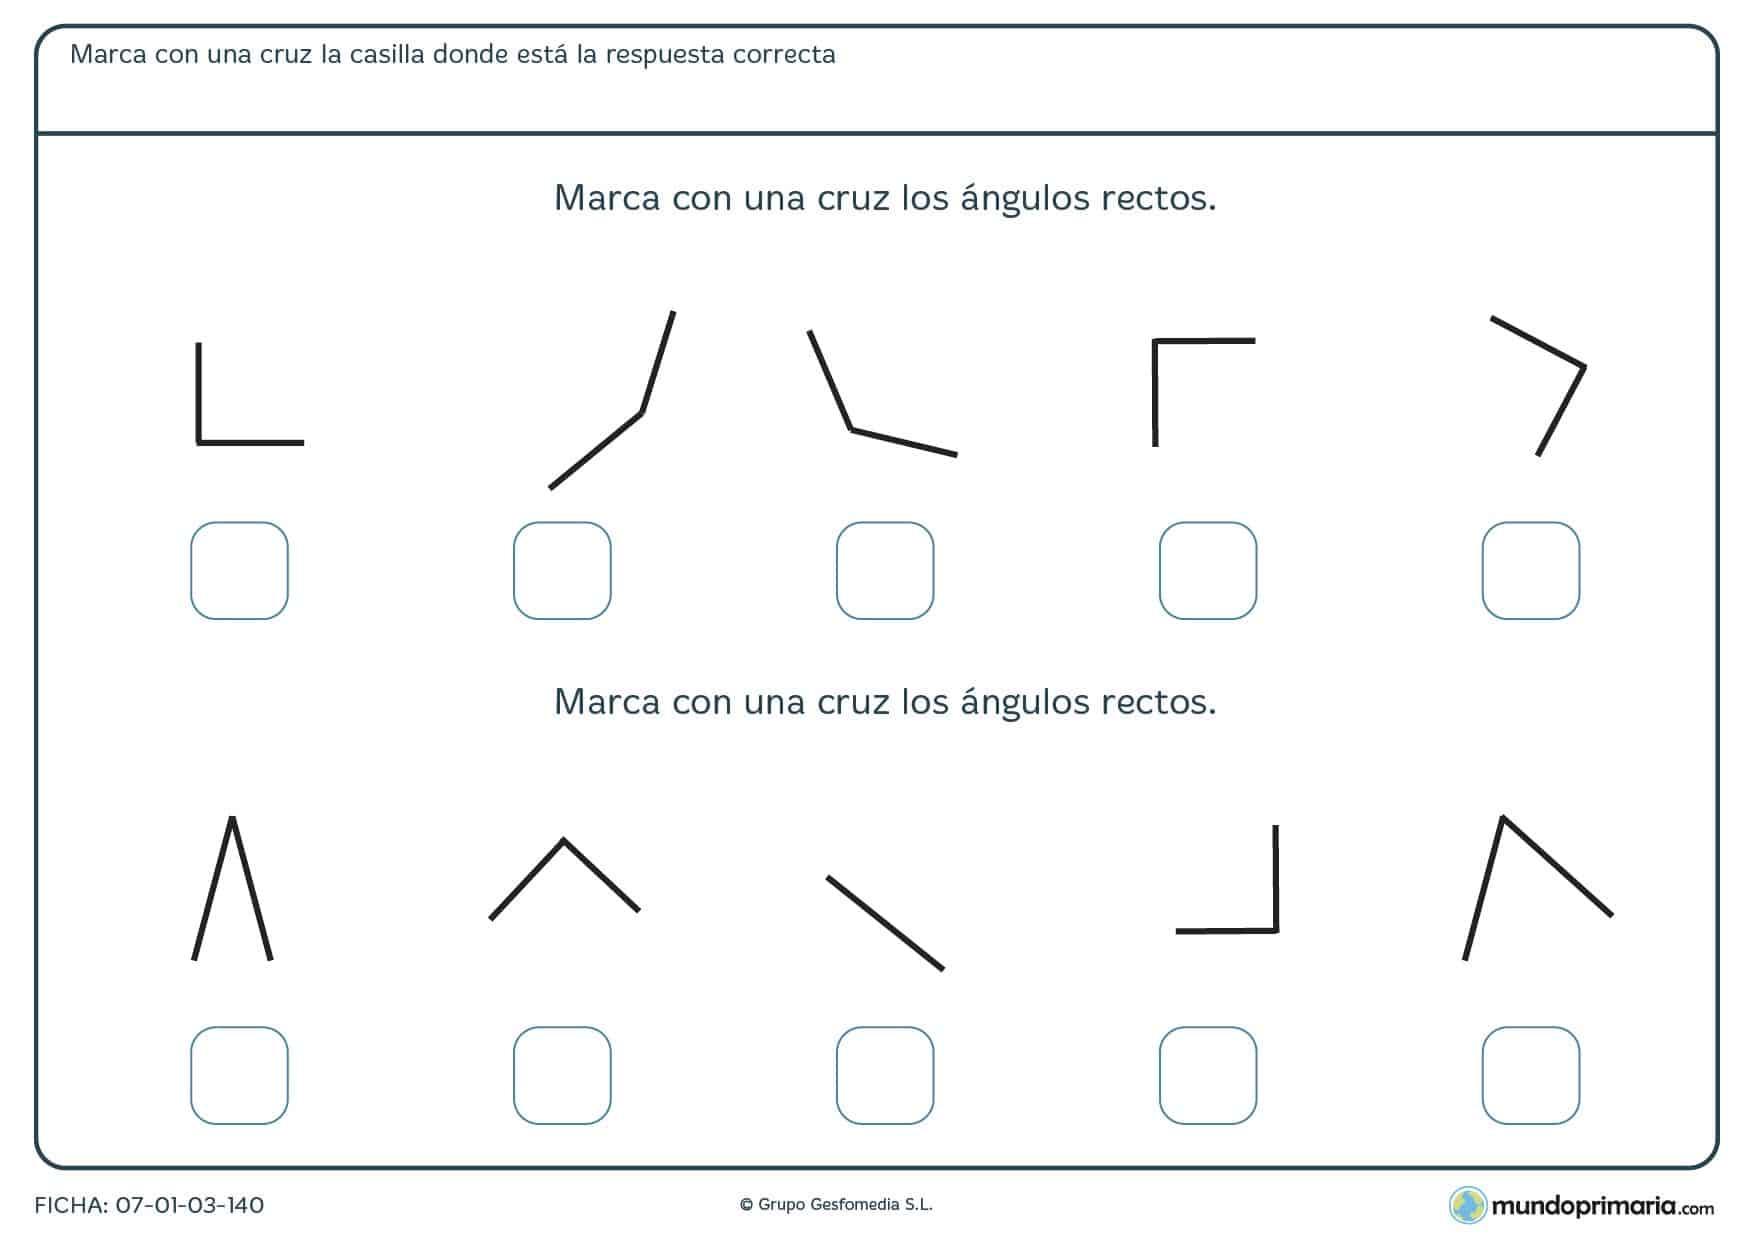 Ficha de elegir ángulos rectosen la que se han de marcar los ángulos de tipo rectos que aparecen.